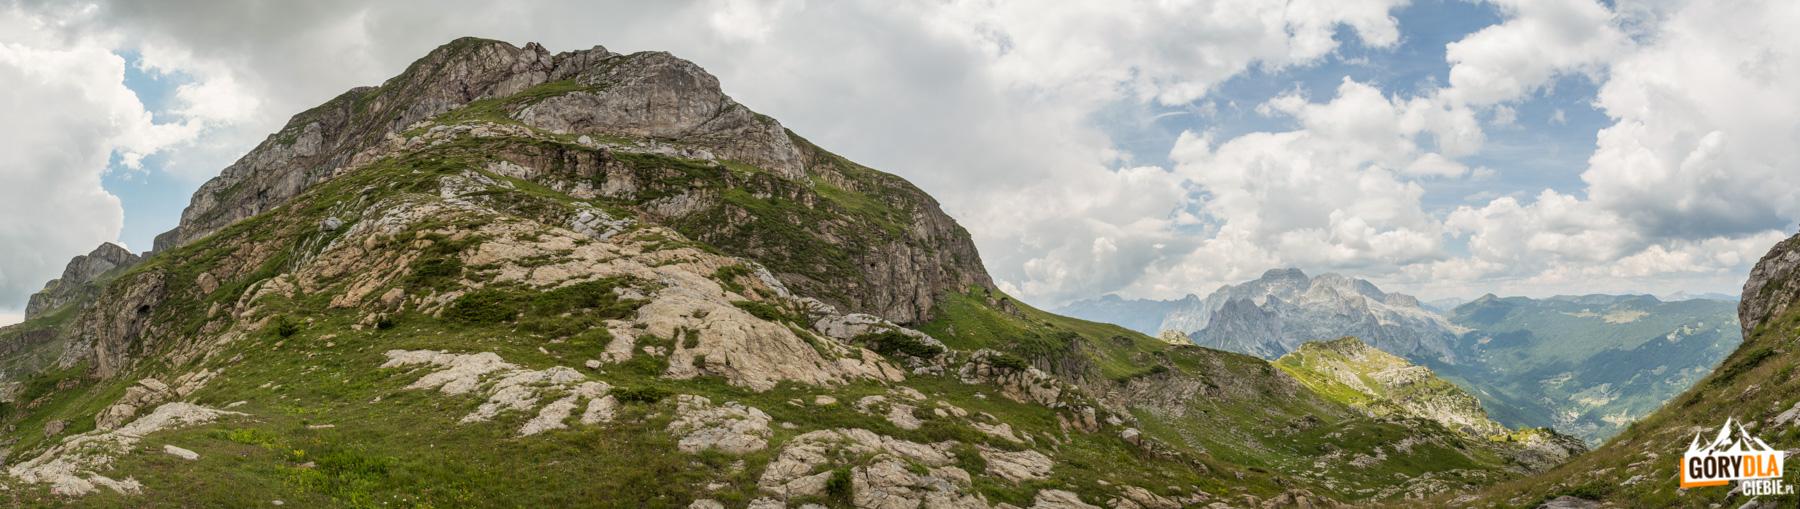 Góry Przeklęte